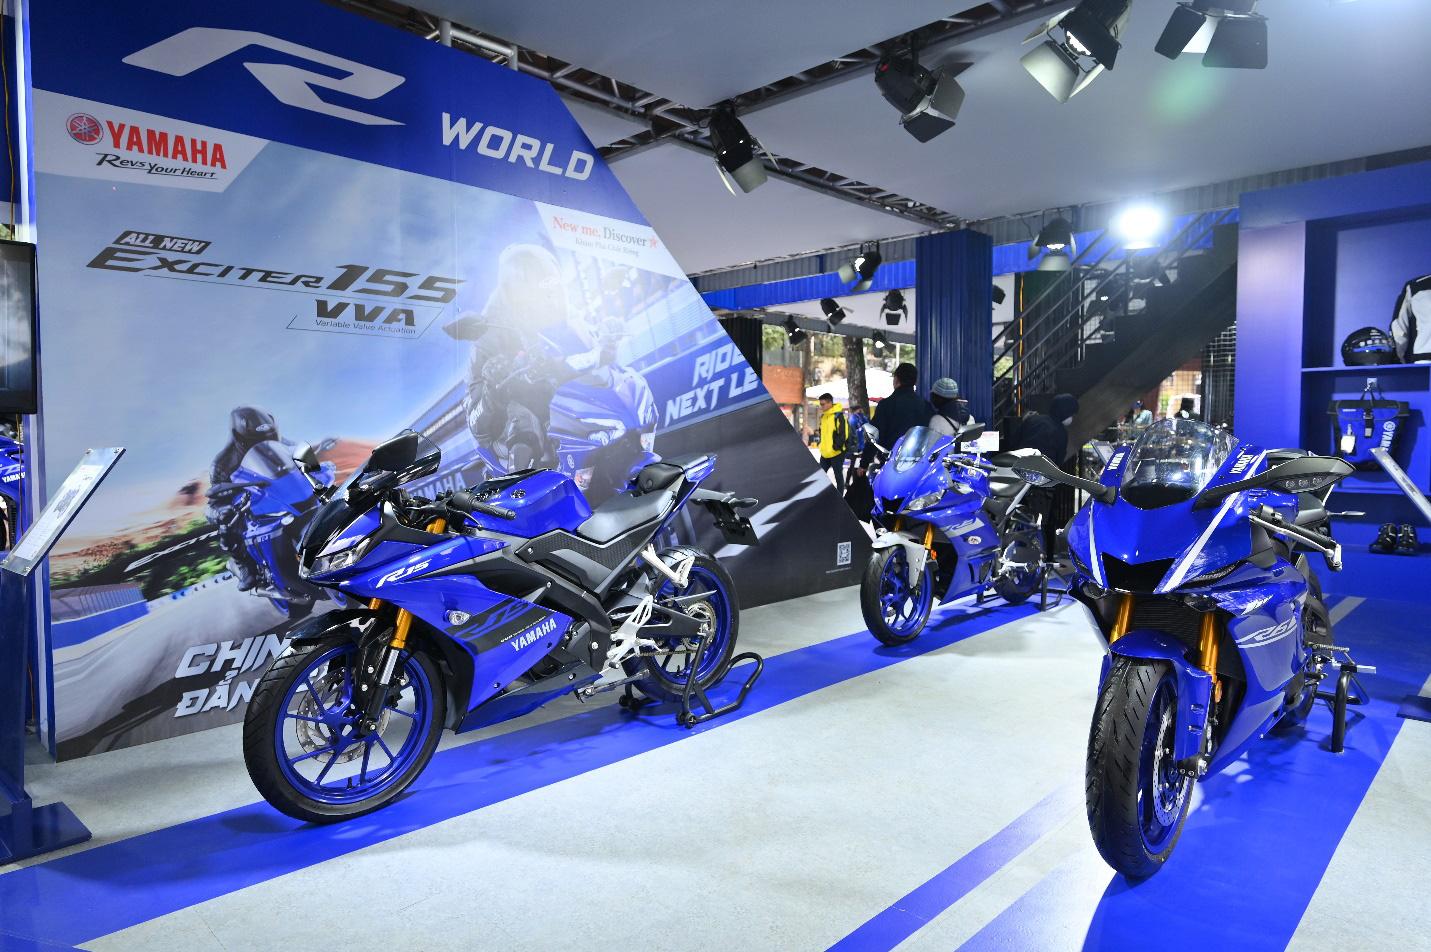 Yamaha Motor tiên phong tạo ra triển lãm motor show theo phong cách riêng chưa từng có tại Việt Nam - Ảnh 9.